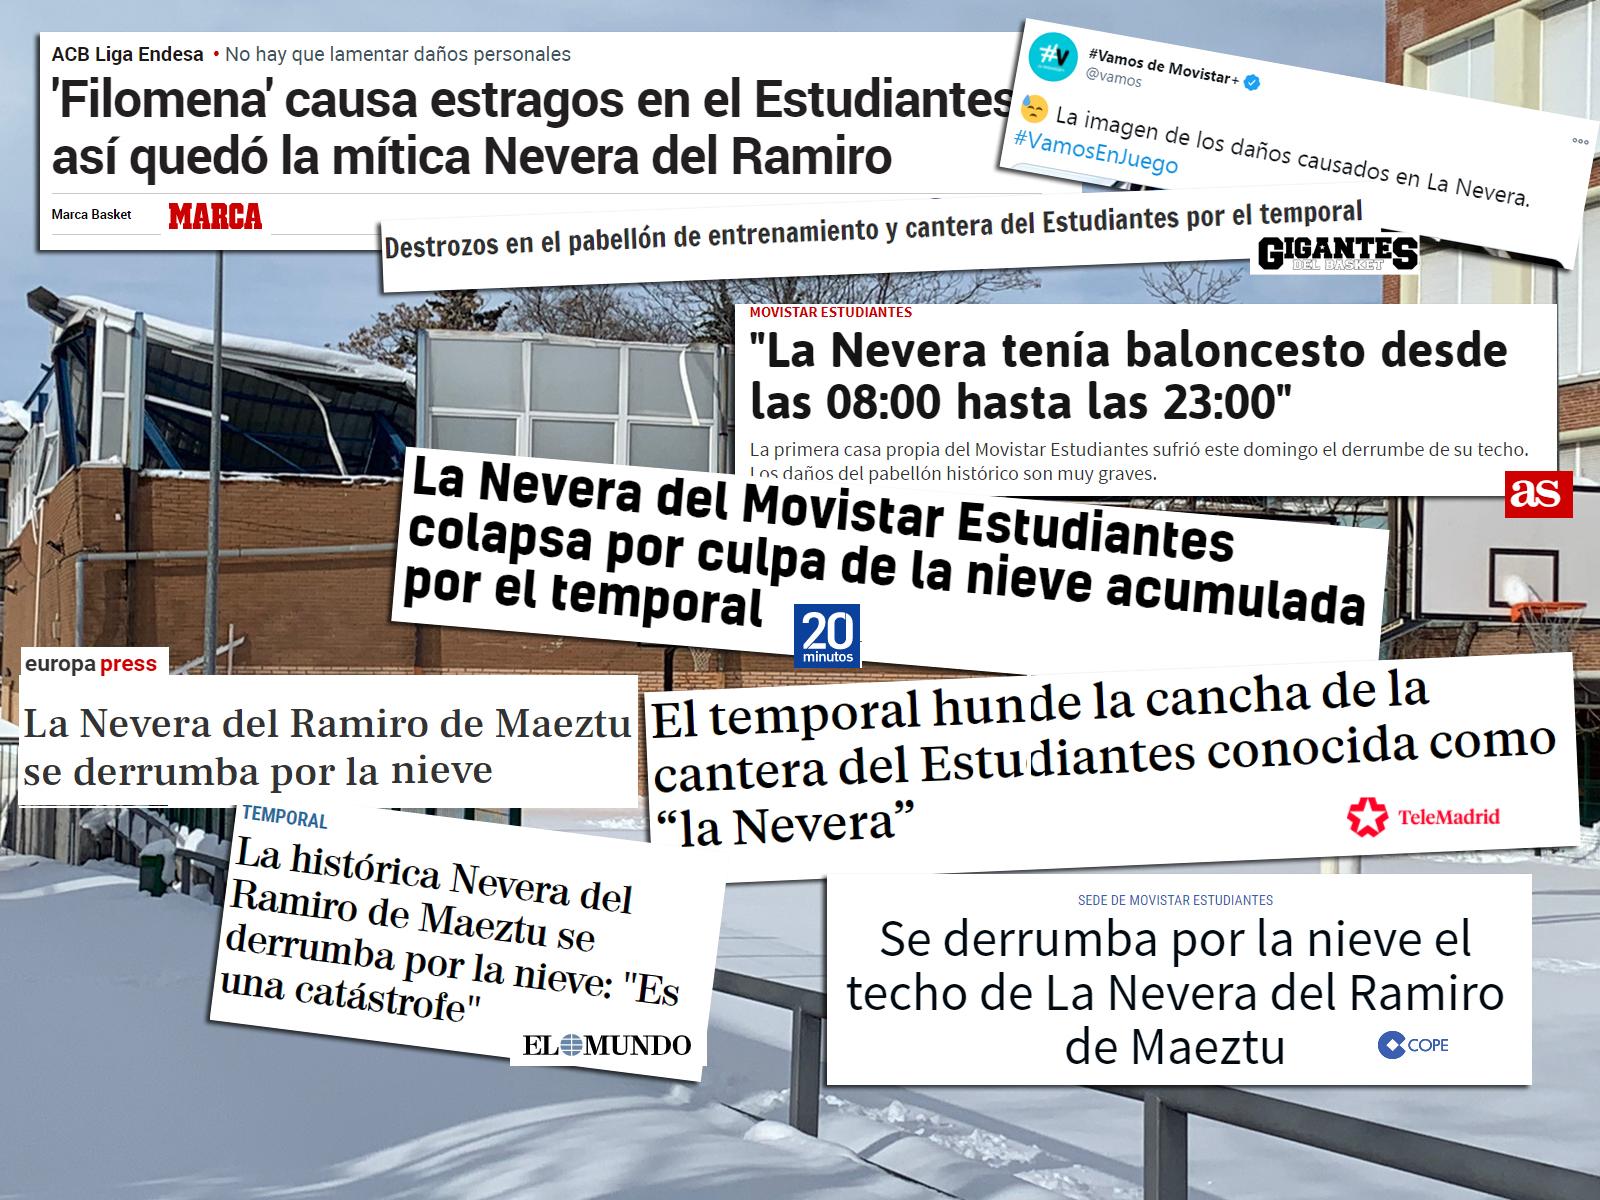 La catástrofe de La Nevera, en los medios